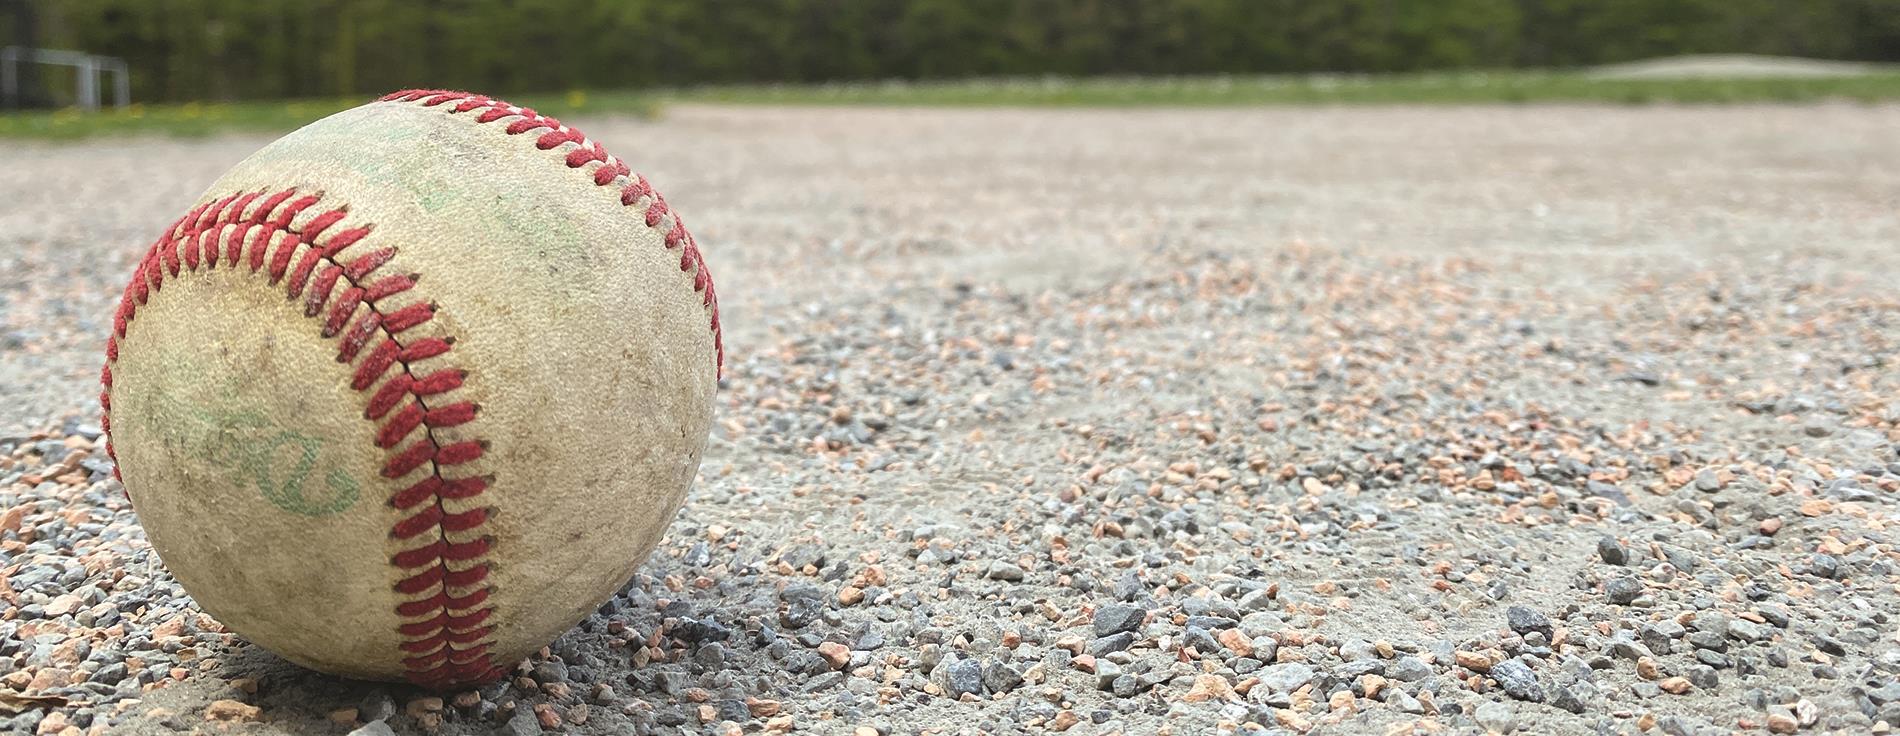 Baseball season is in full swing.